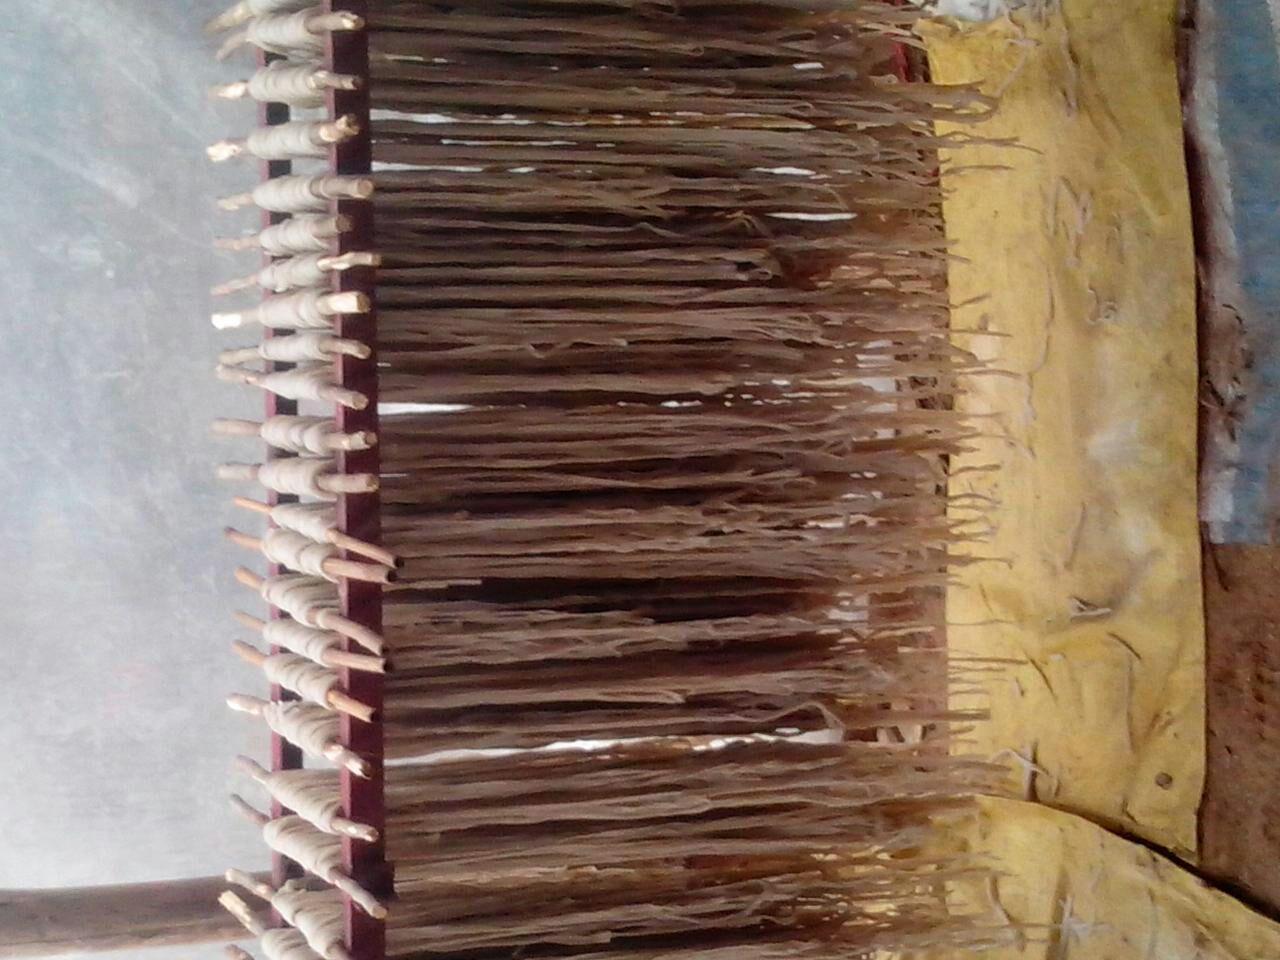 本粉条采用纯红薯和传统手工制作方法而成